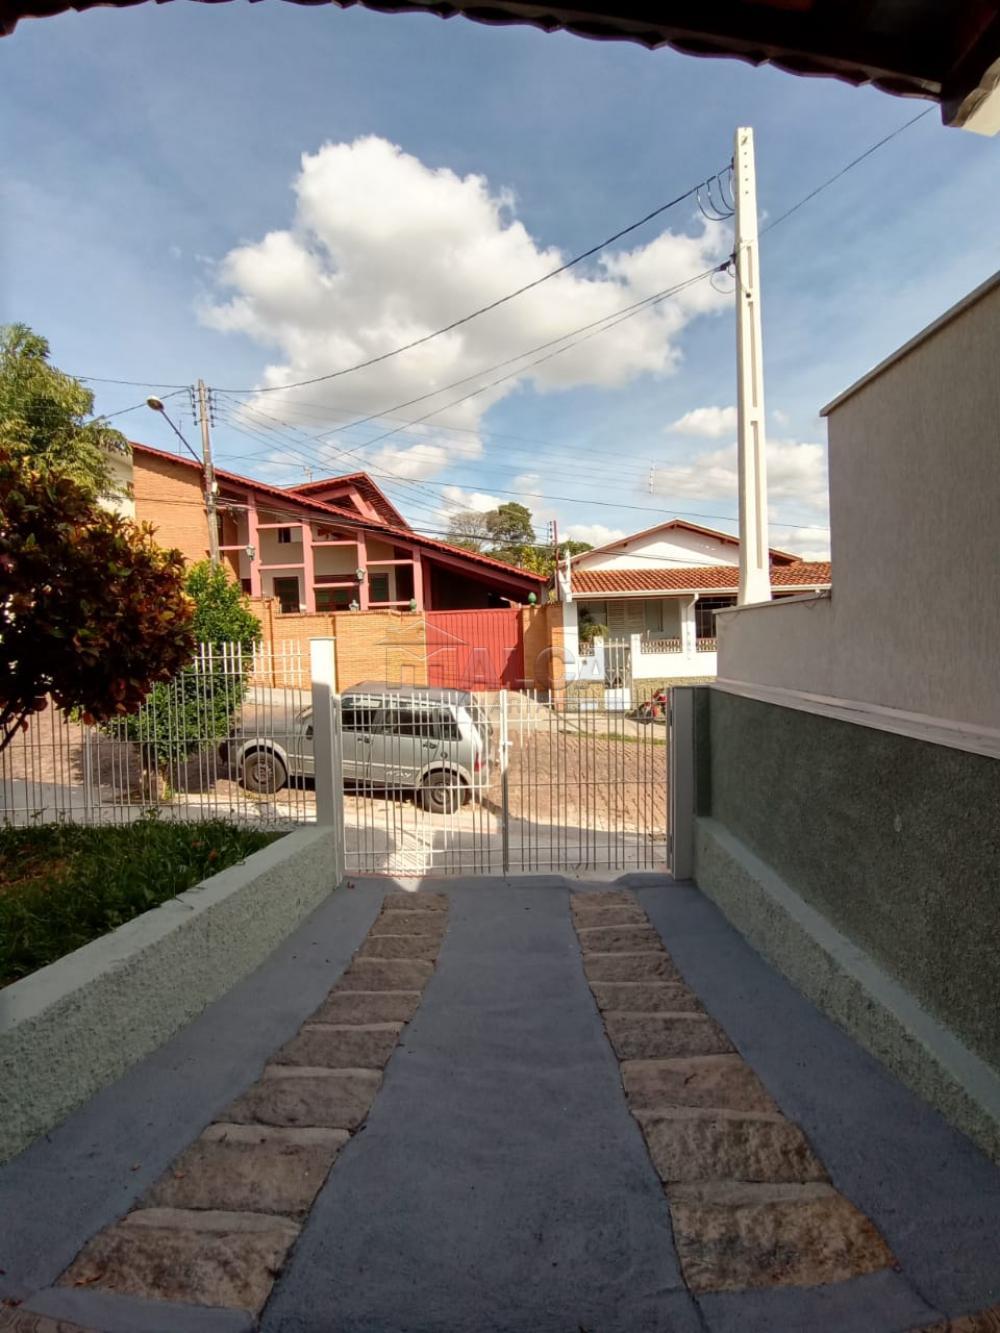 Alugar Casas / Padrão em São José do Rio Pardo apenas R$ 1.500,00 - Foto 3